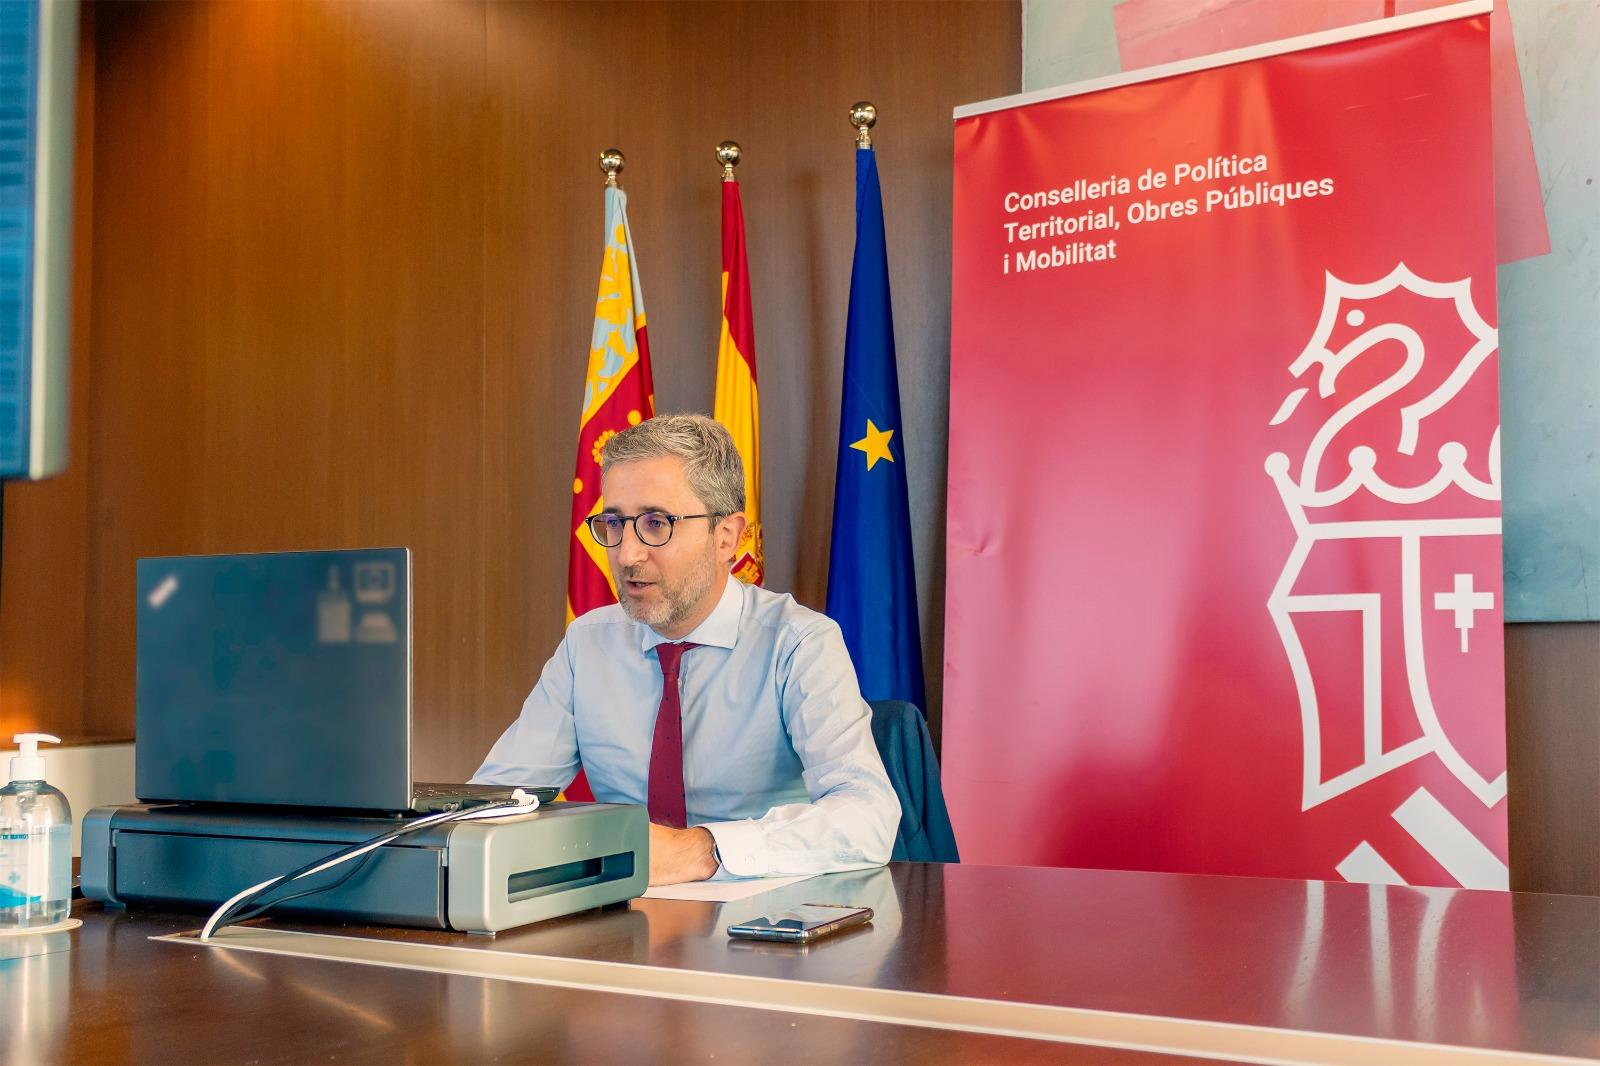 """Arcadi España: """"El urbanismo debe ser visto como un instrumento de ordenación, protección y generación de empleo, nunca como un freno"""""""